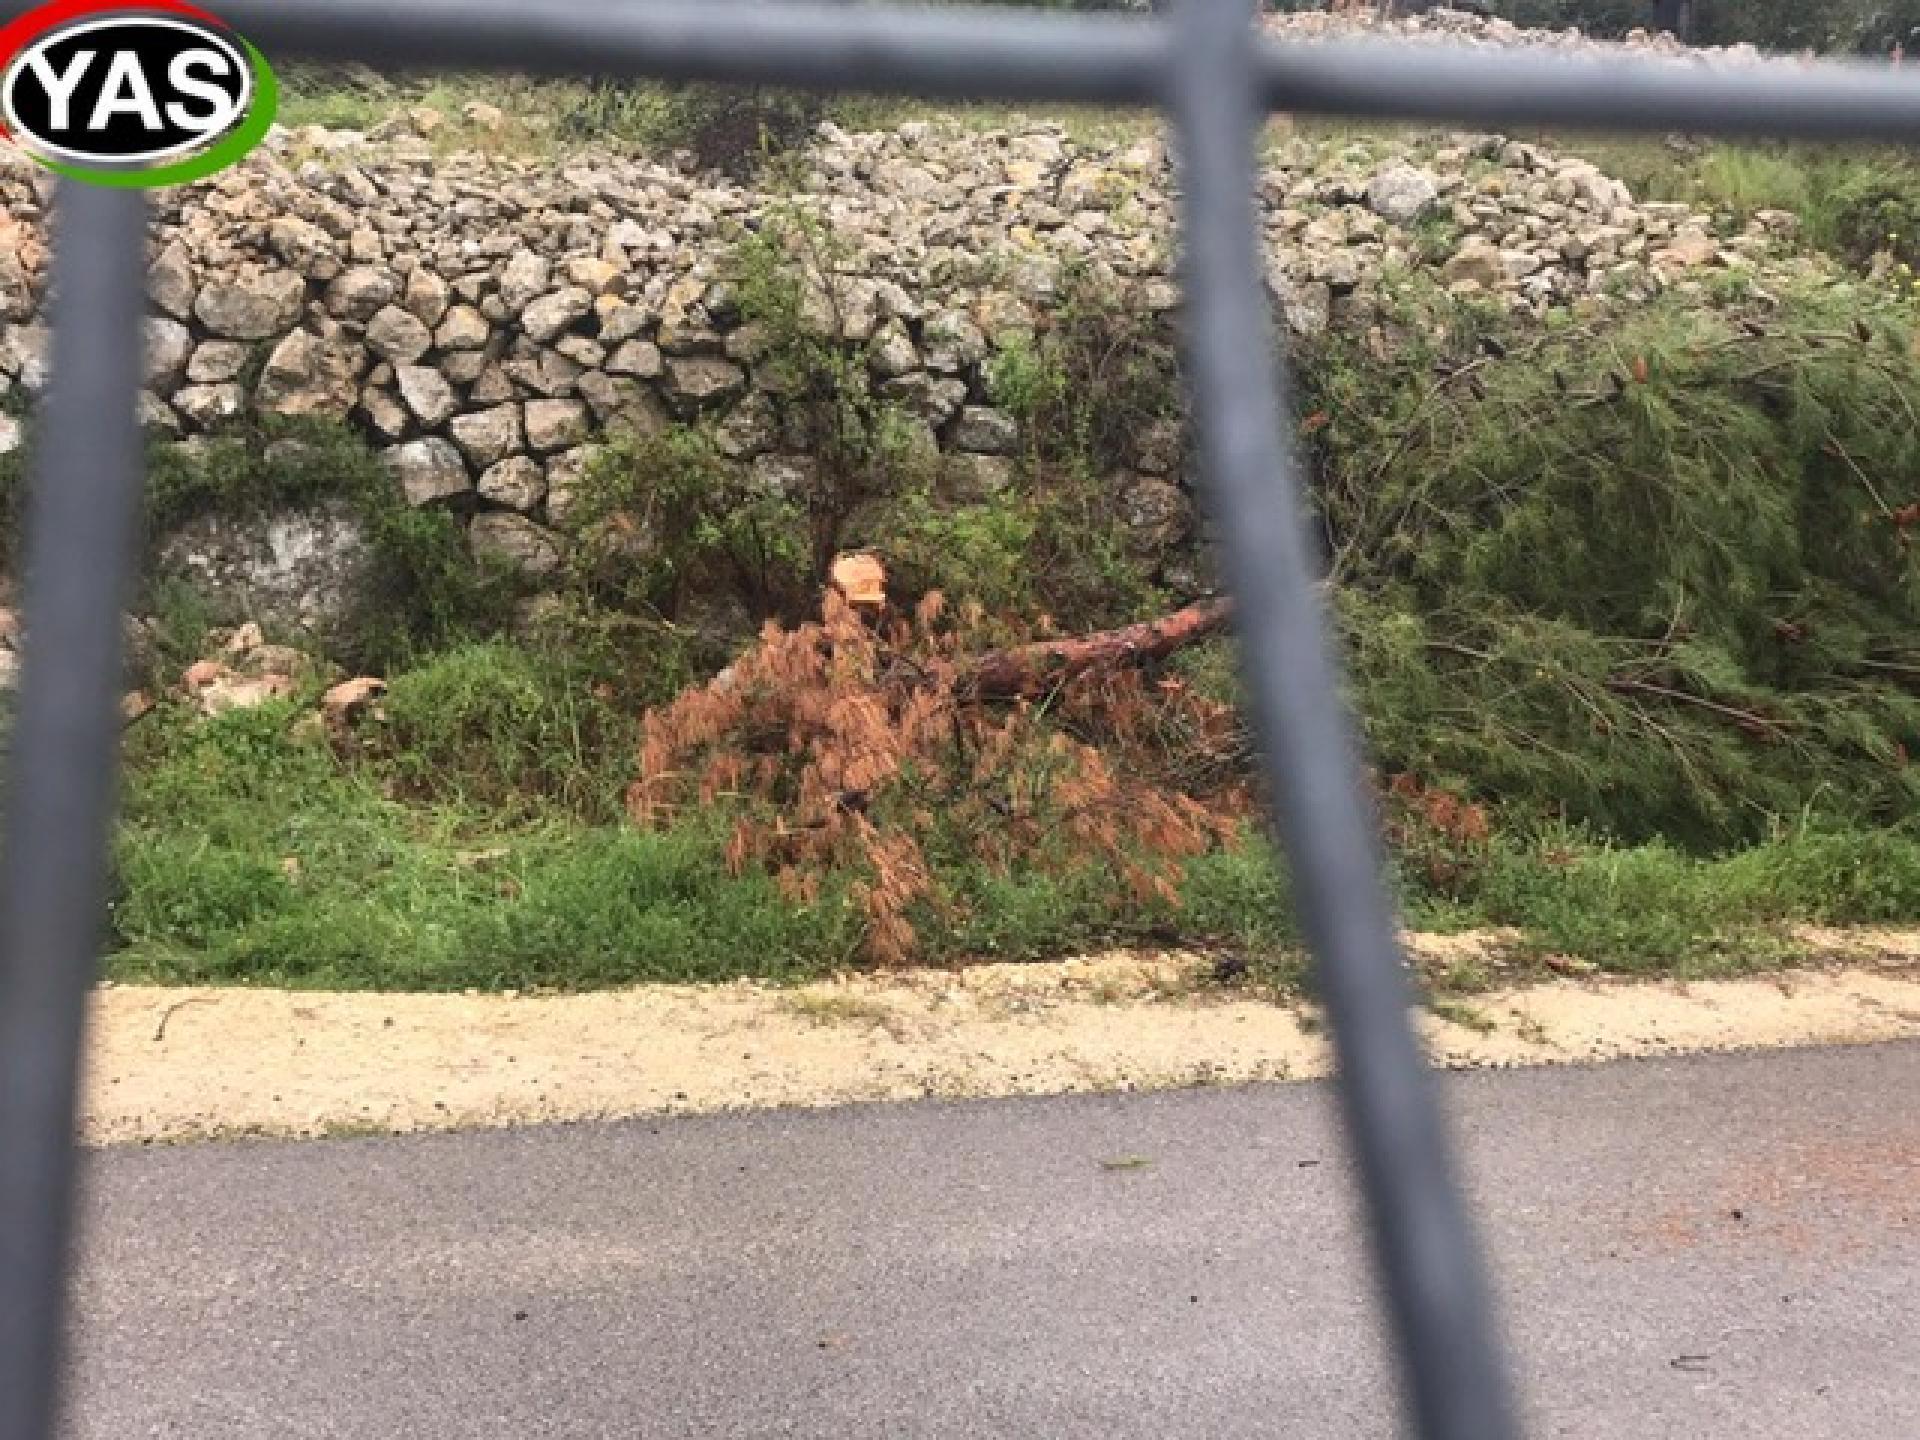 עצי זית כרותים וגדר חדשה